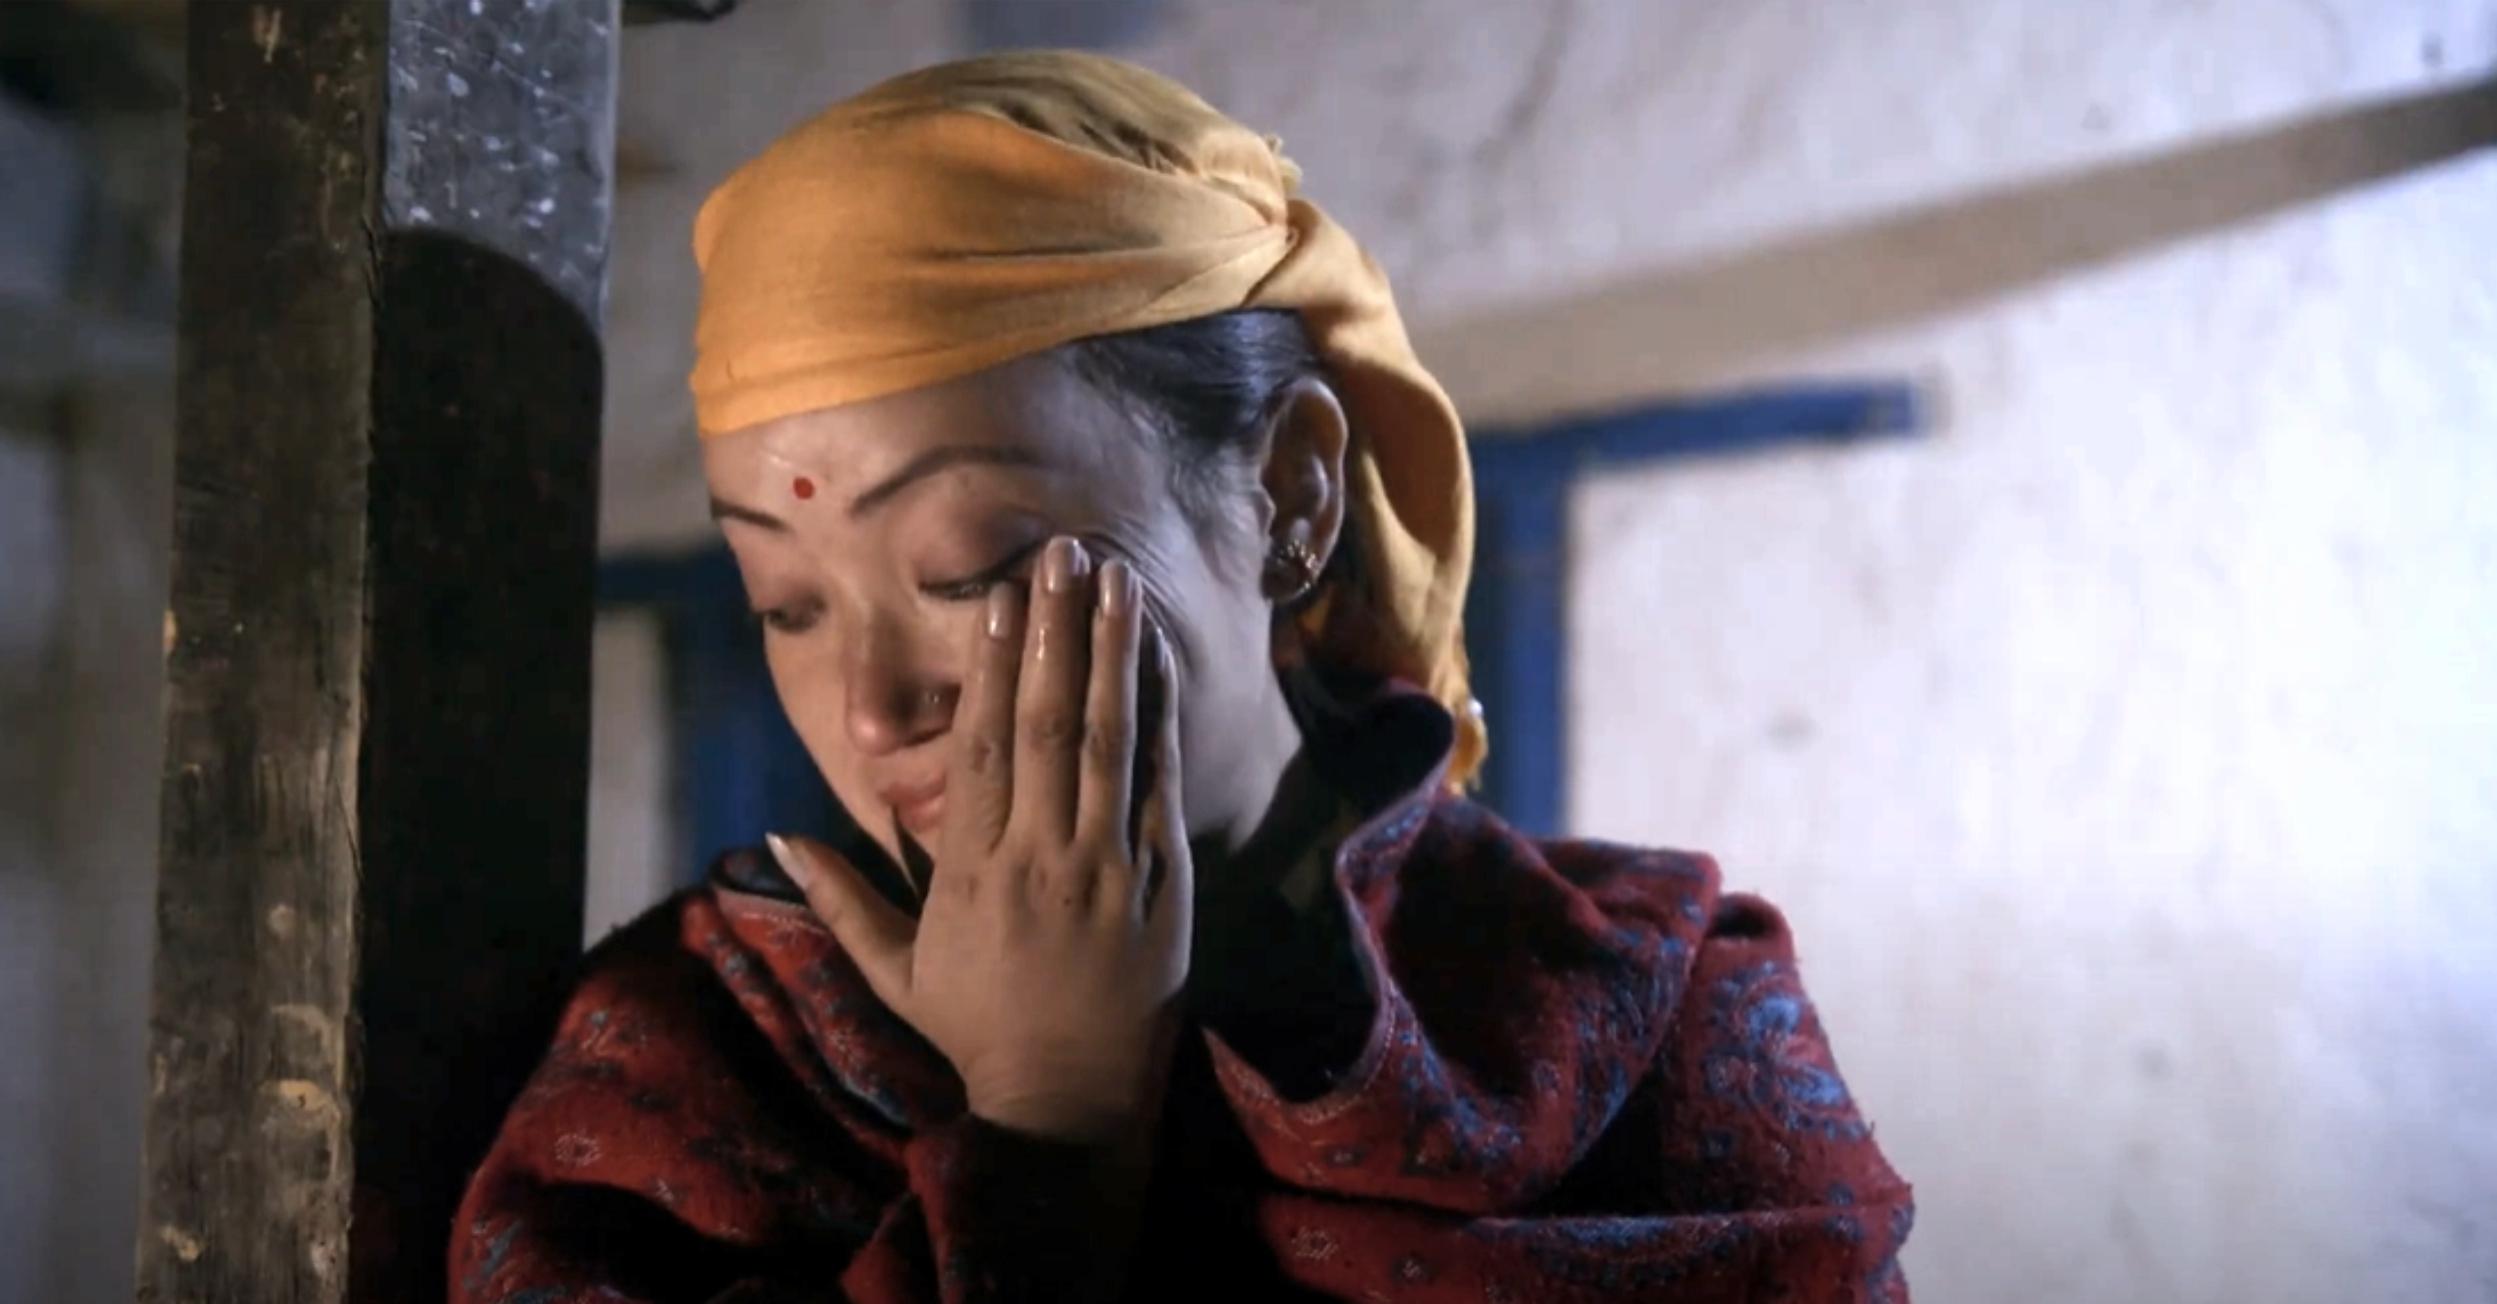 उपासना नेम्बाङ अभिनित लघु चलचित्र 'कान्छा' सार्वजनिक(भिडियो सहित)